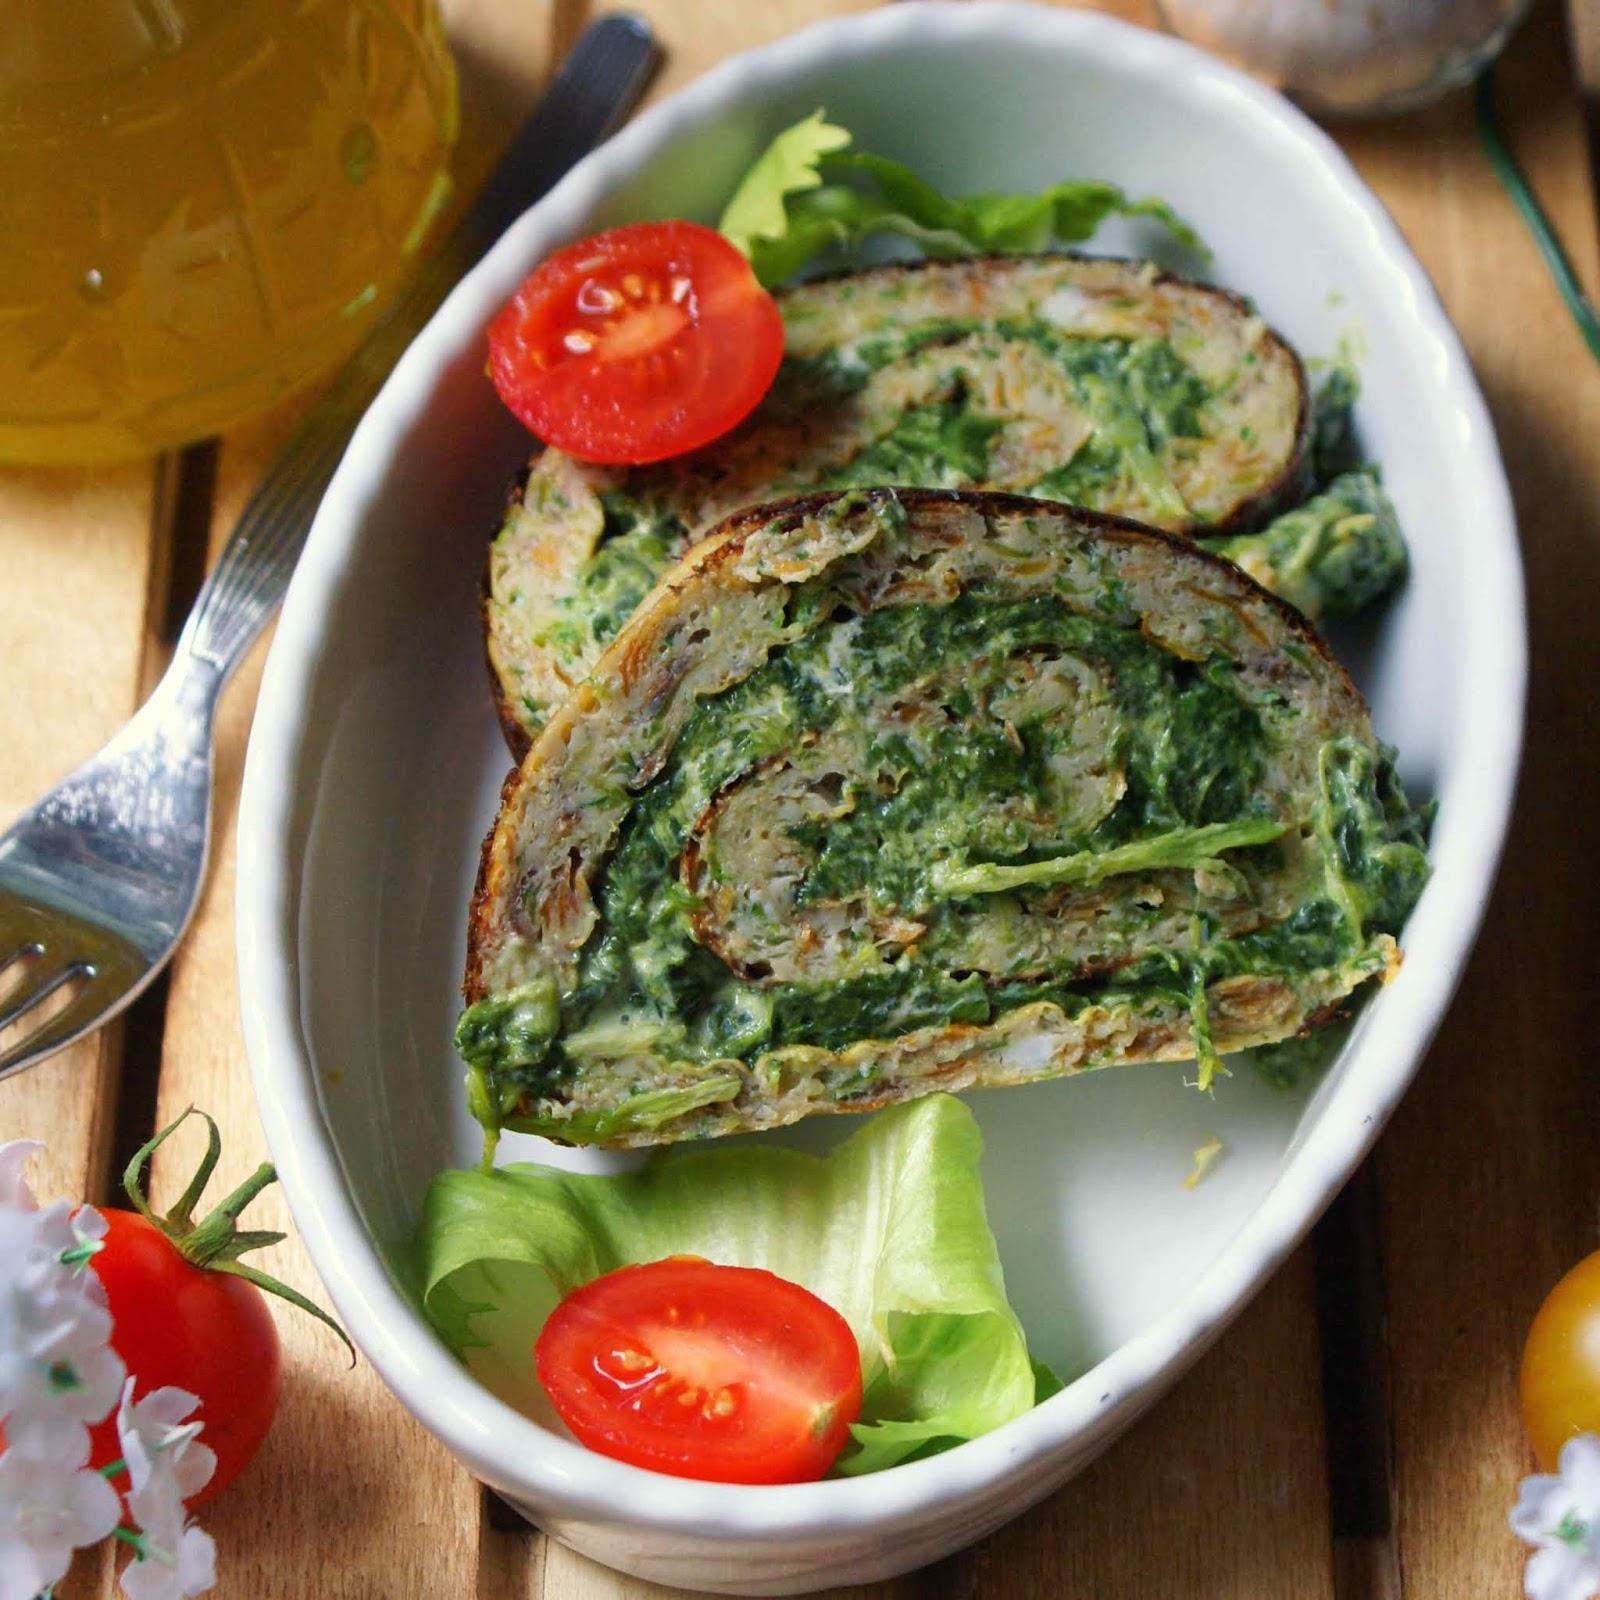 Rotolo di frittata verde farcito con formaggio quark e spinaci